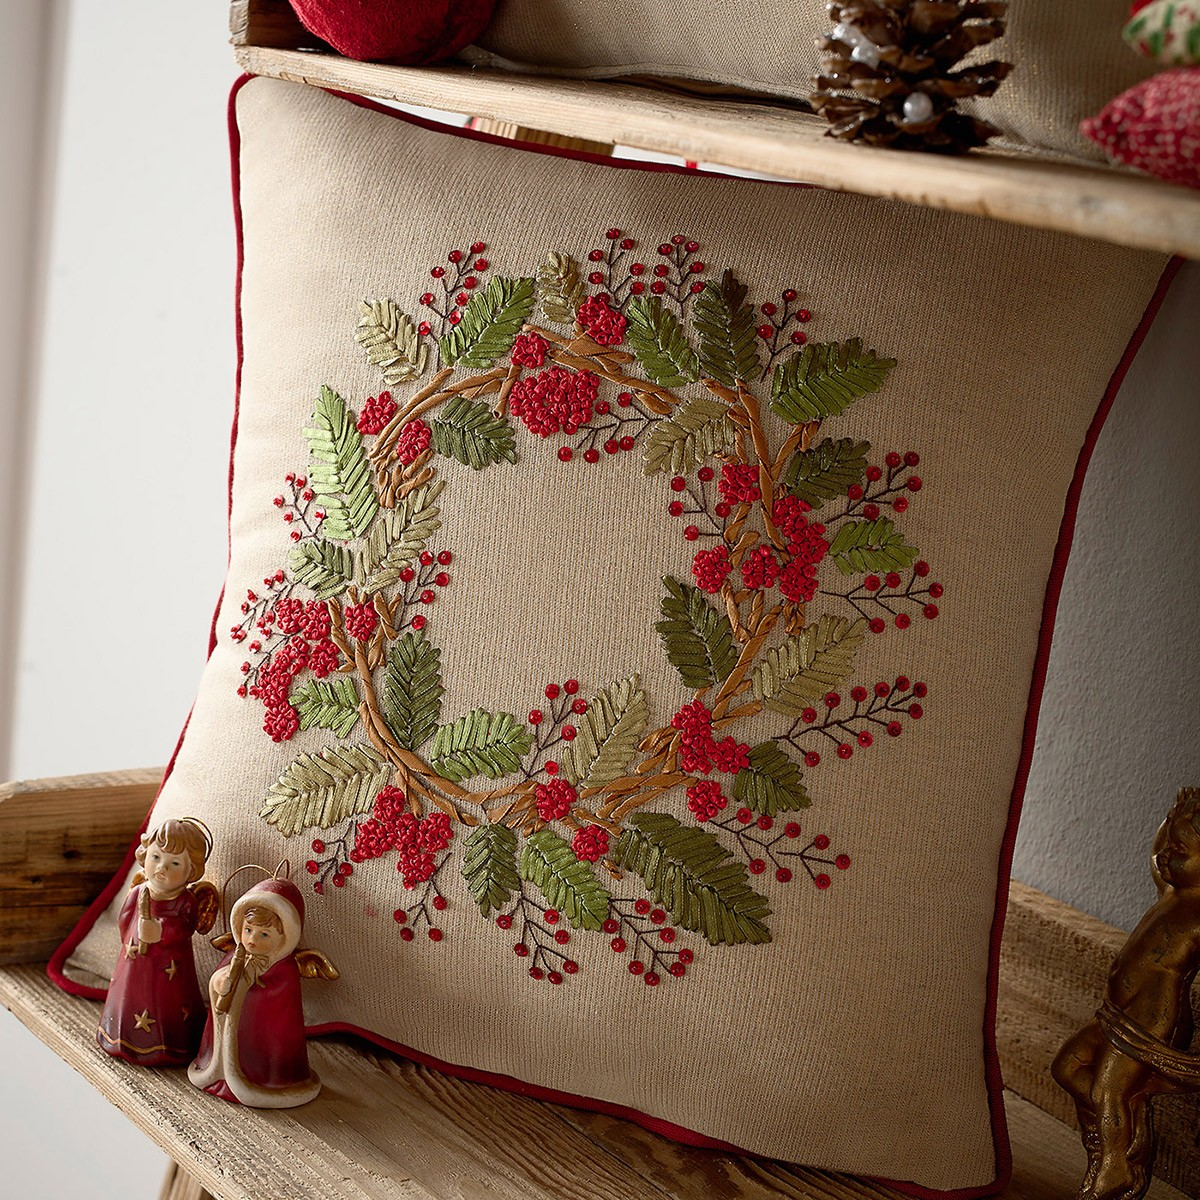 Χριστουγεννιάτικη Μαξιλαροθήκη Gofis Home 611